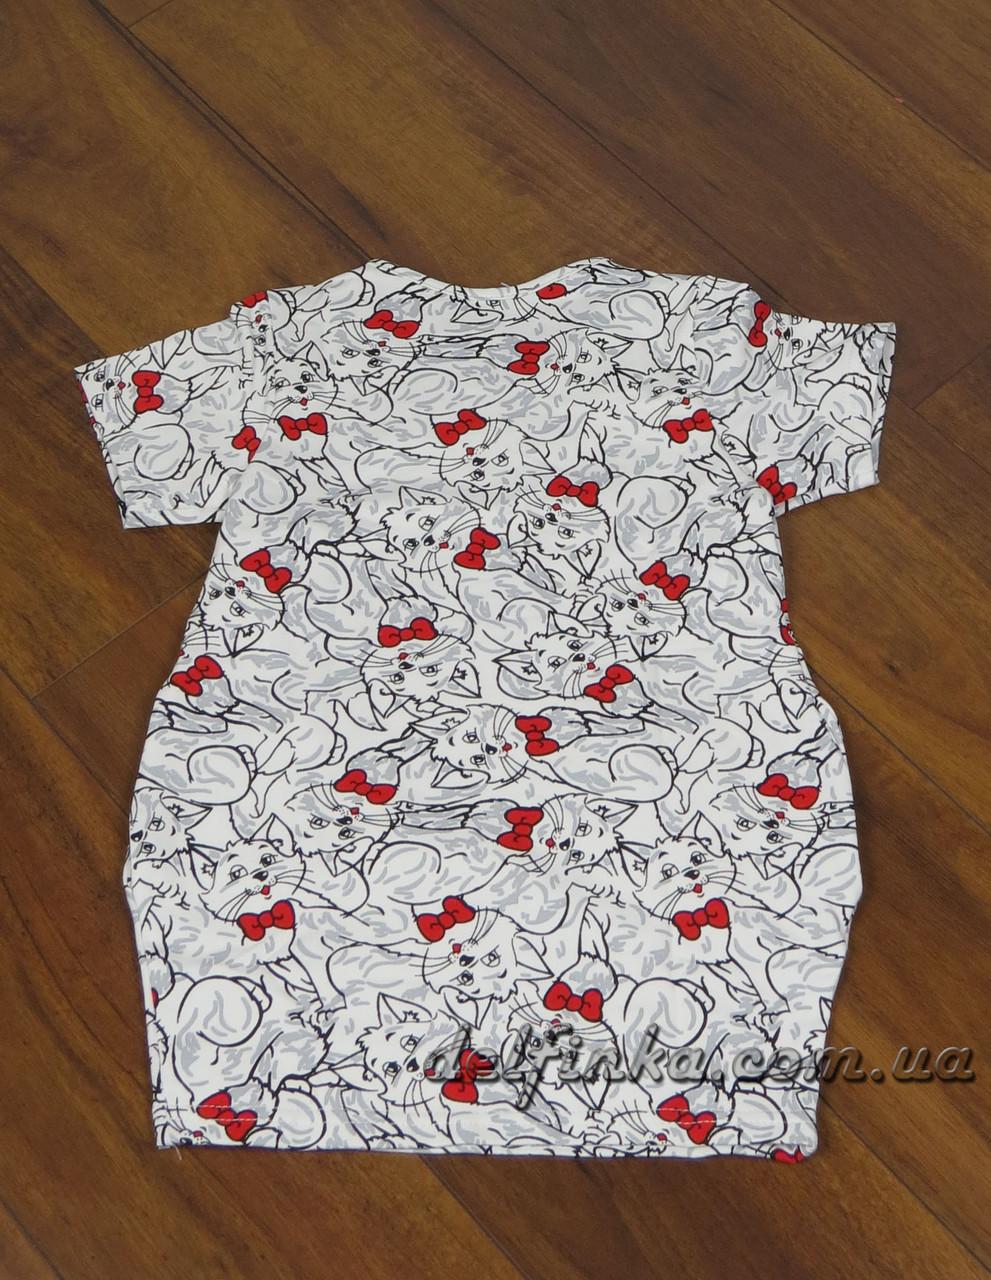 Трикотажная туника - платье с карманами с 7 до 10 лет, фото 2